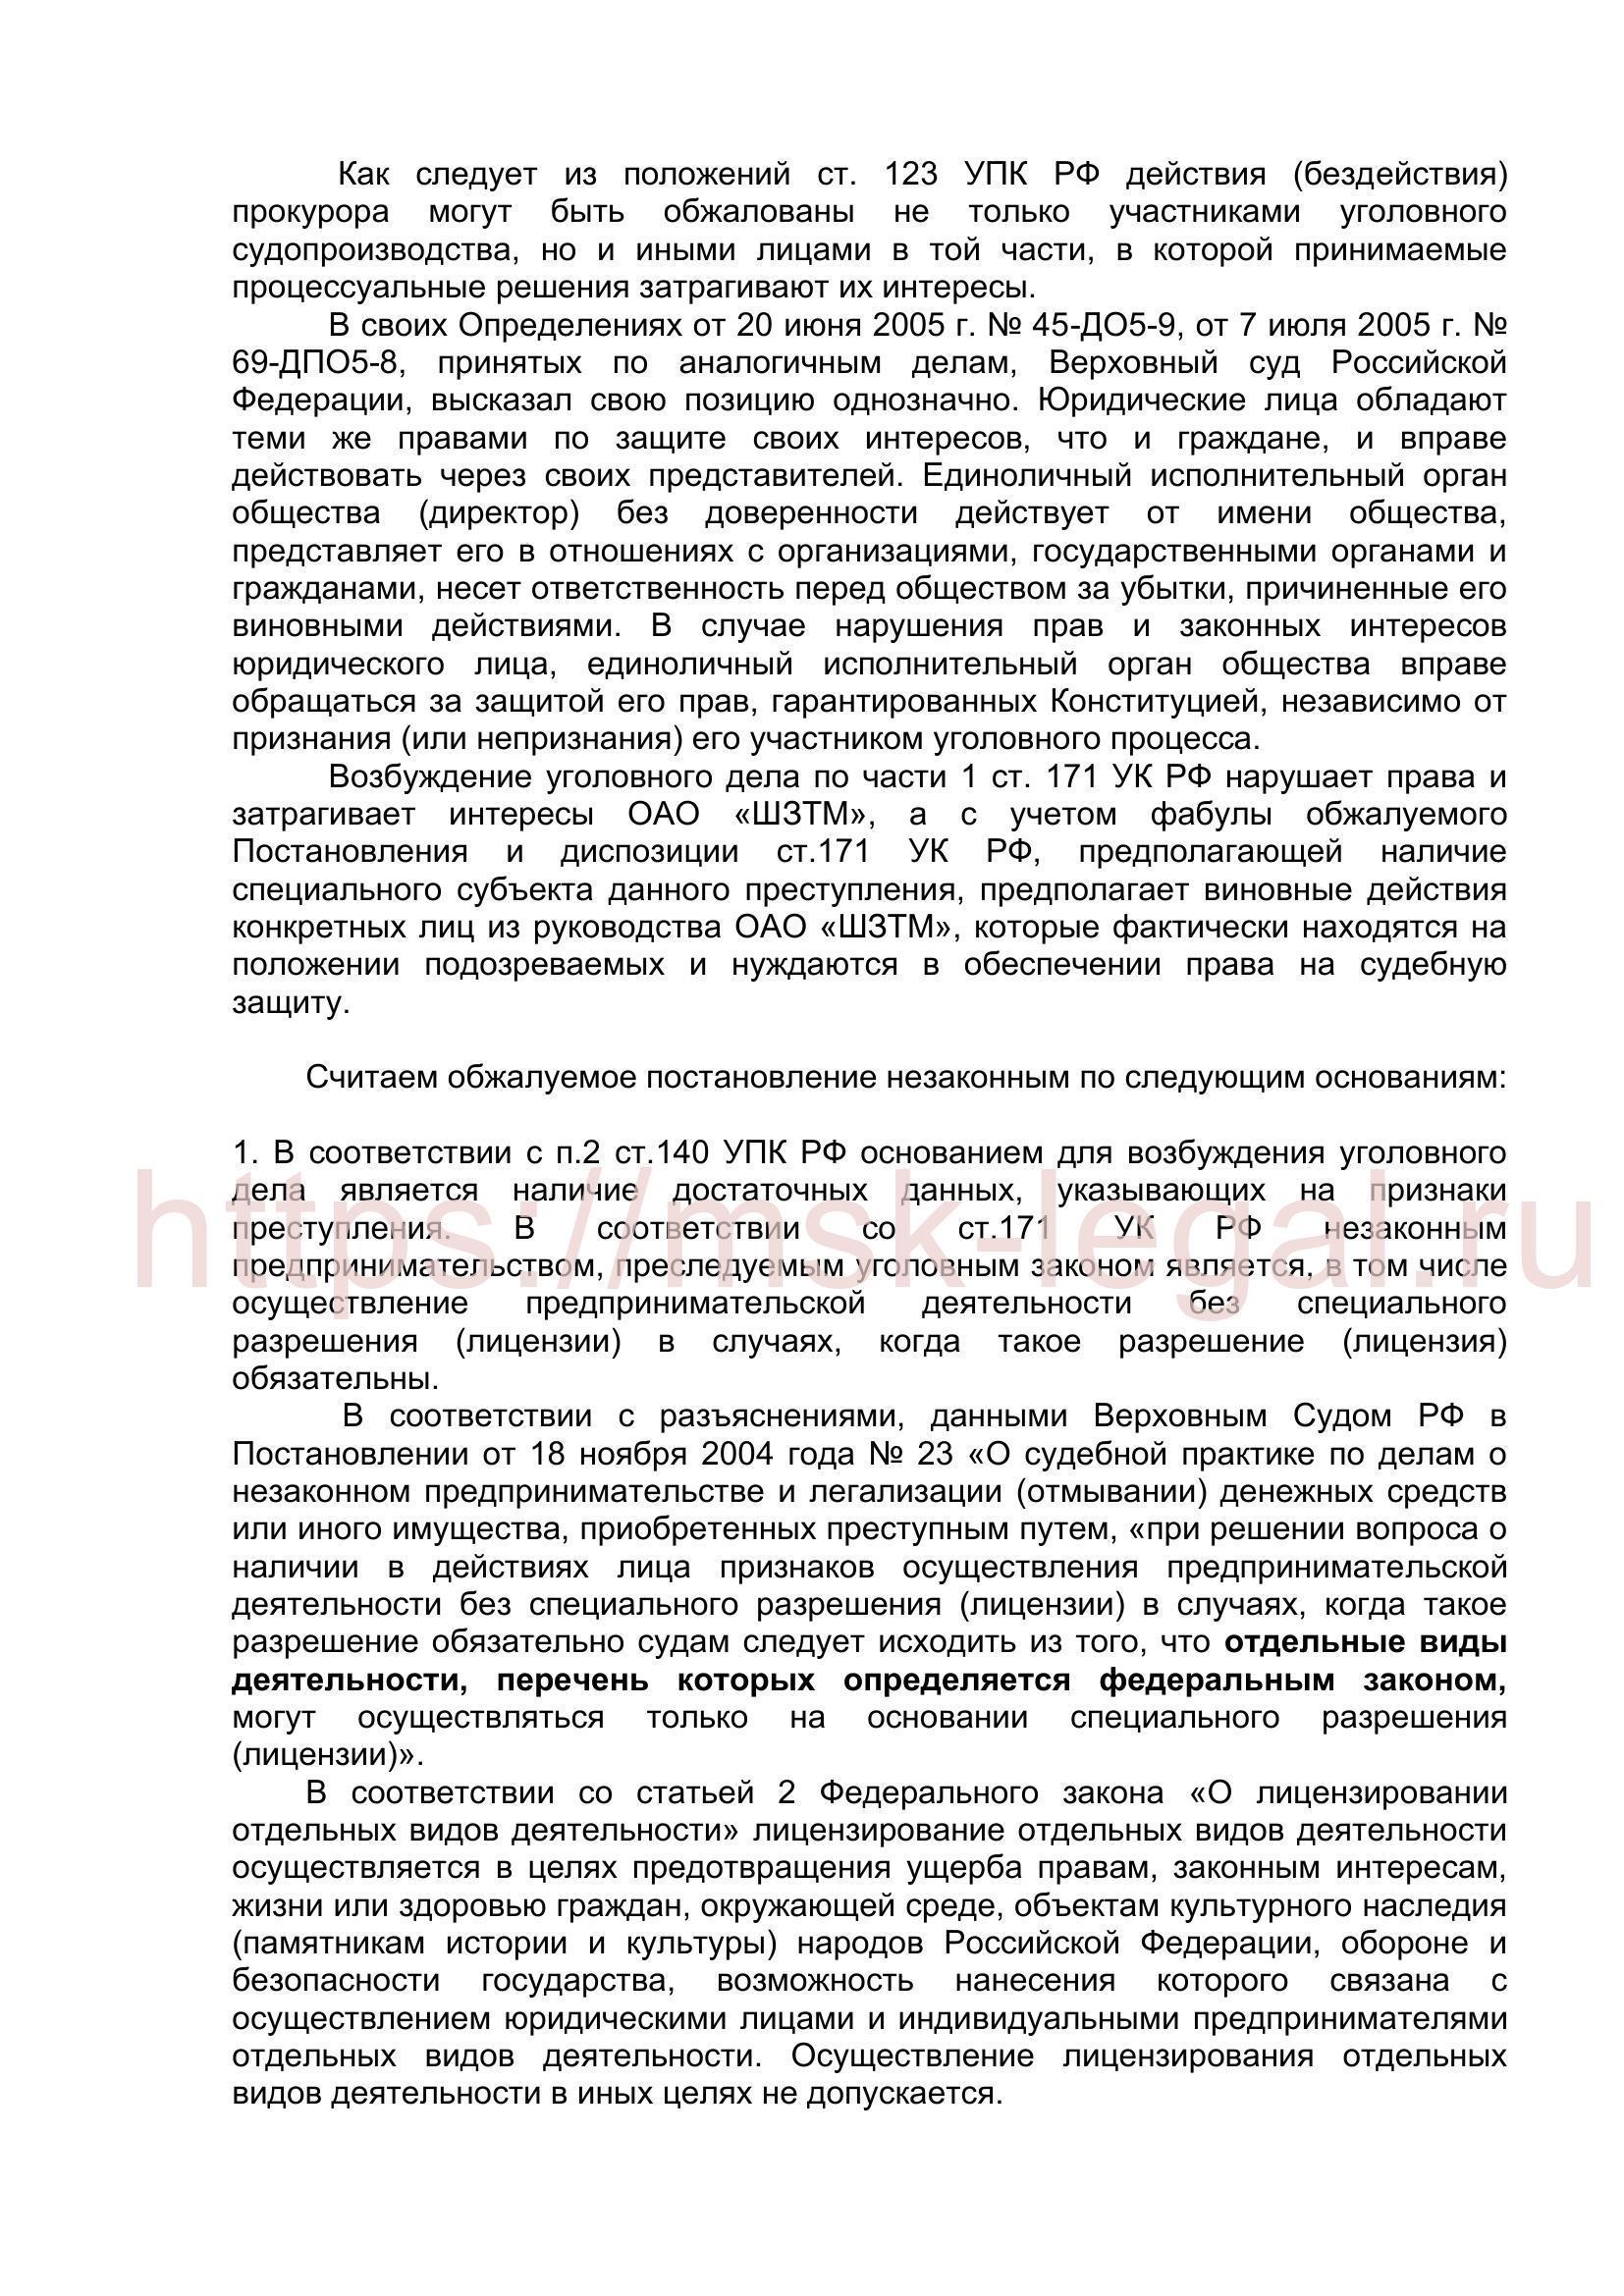 Жалоба на постановление о возбуждении дела по ст. 171 УК РФ